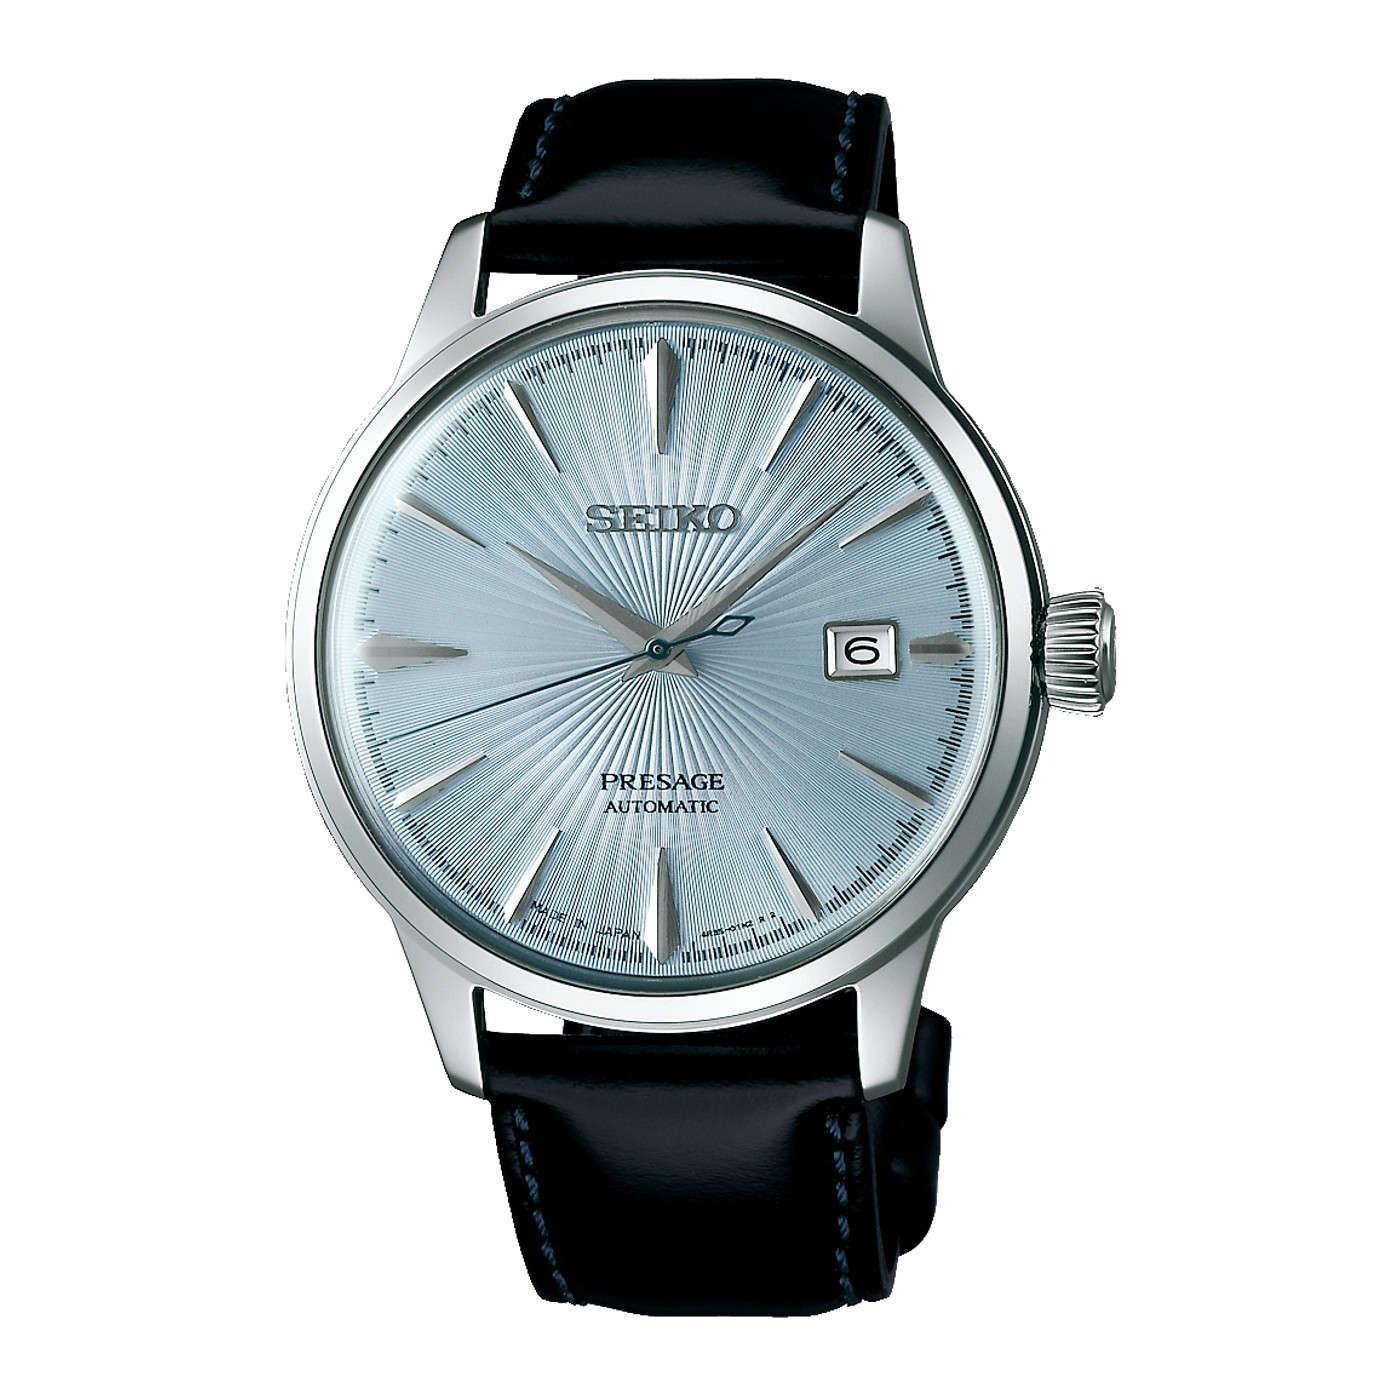 86571e1d5 Seiko Presage watch SRPB43J1 - Watches